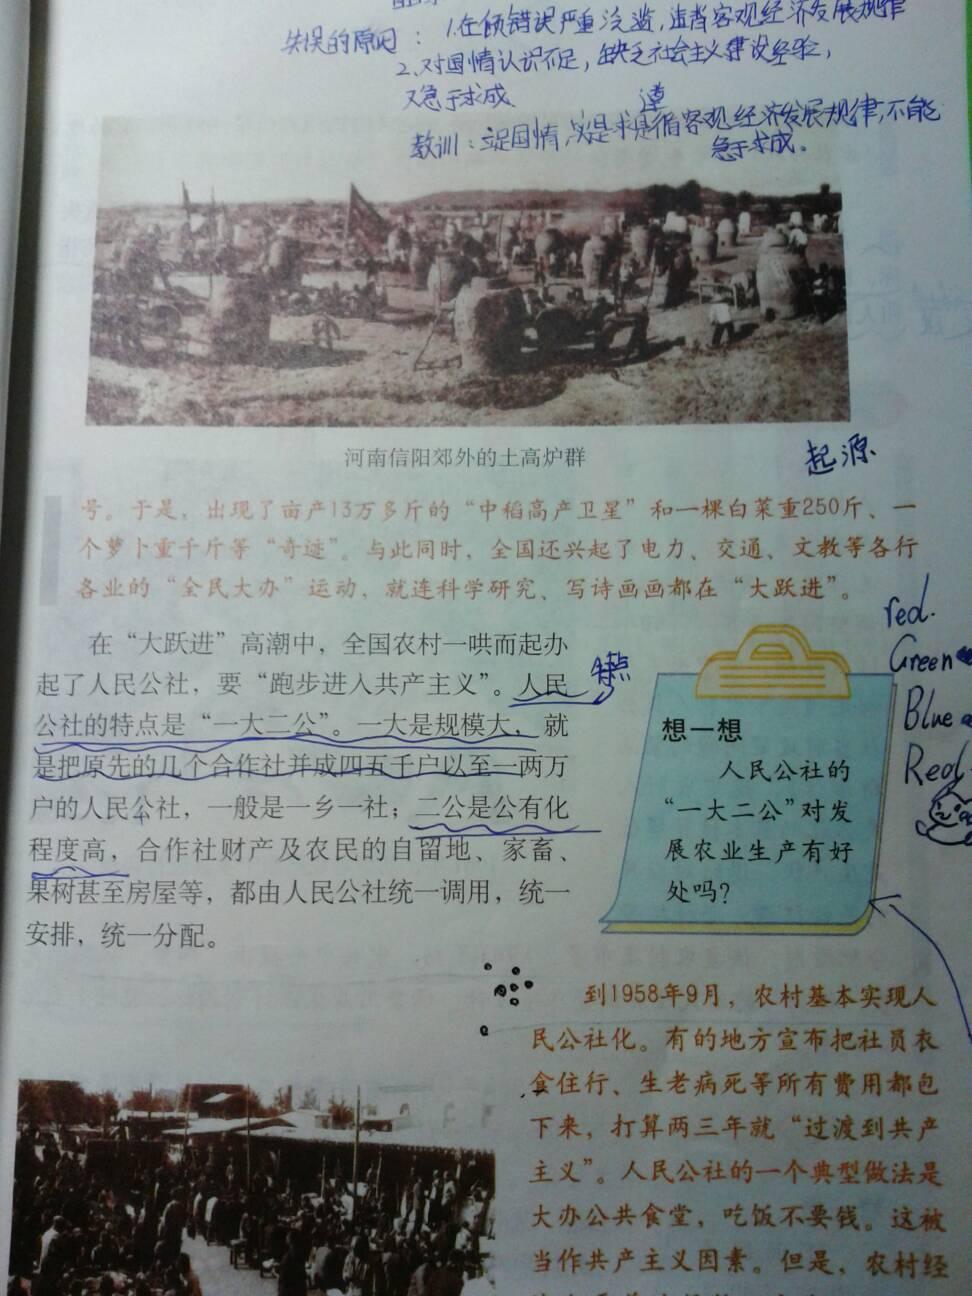 初二下册历史书六课内容(忘记带书了,拍张照片发过来就可以)图片